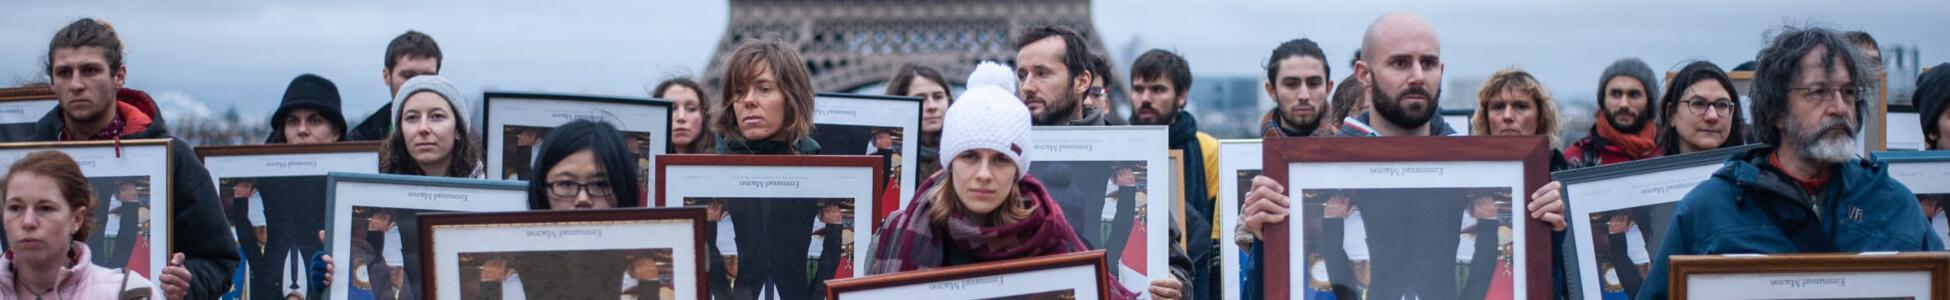 Des activistes brandissent 100 portraits présidentiels devant la Tour Eiffel, symbole de la COP21